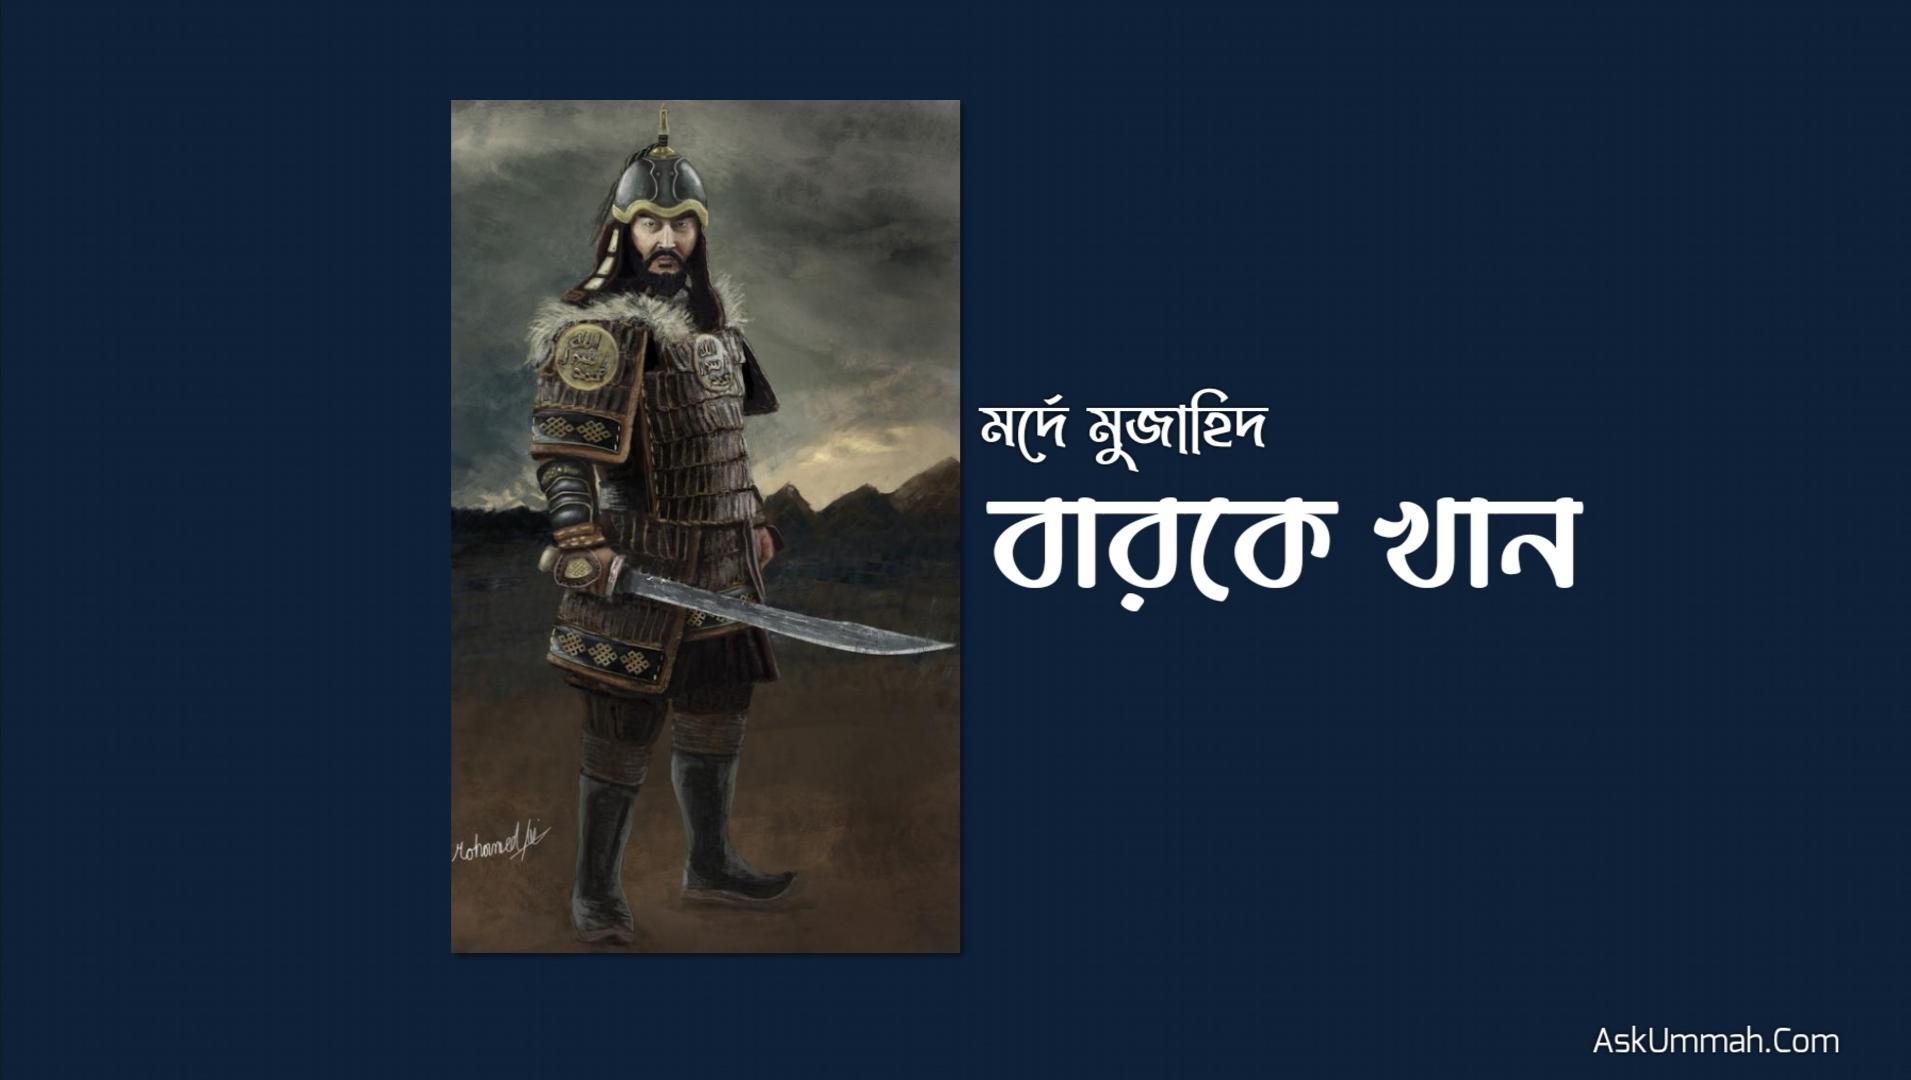 মর্দে মুজাহিদ বারকে খান